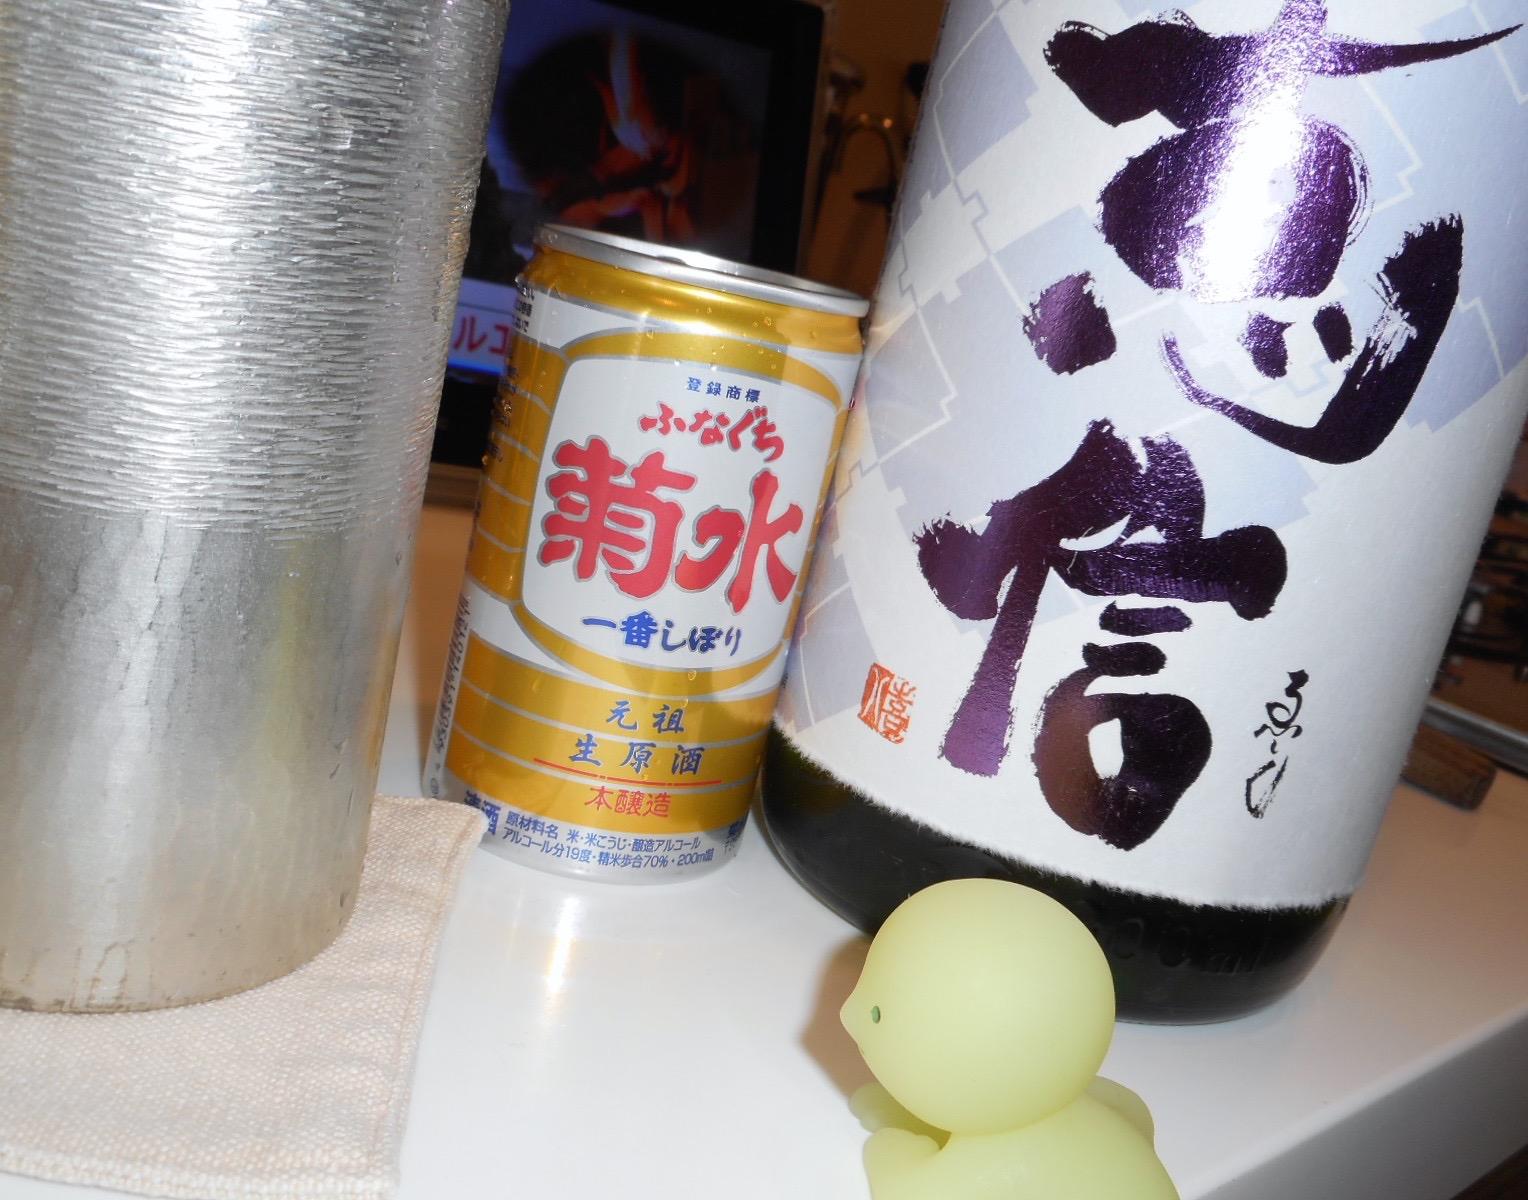 eishin_yamahai_jundai27by11.jpg